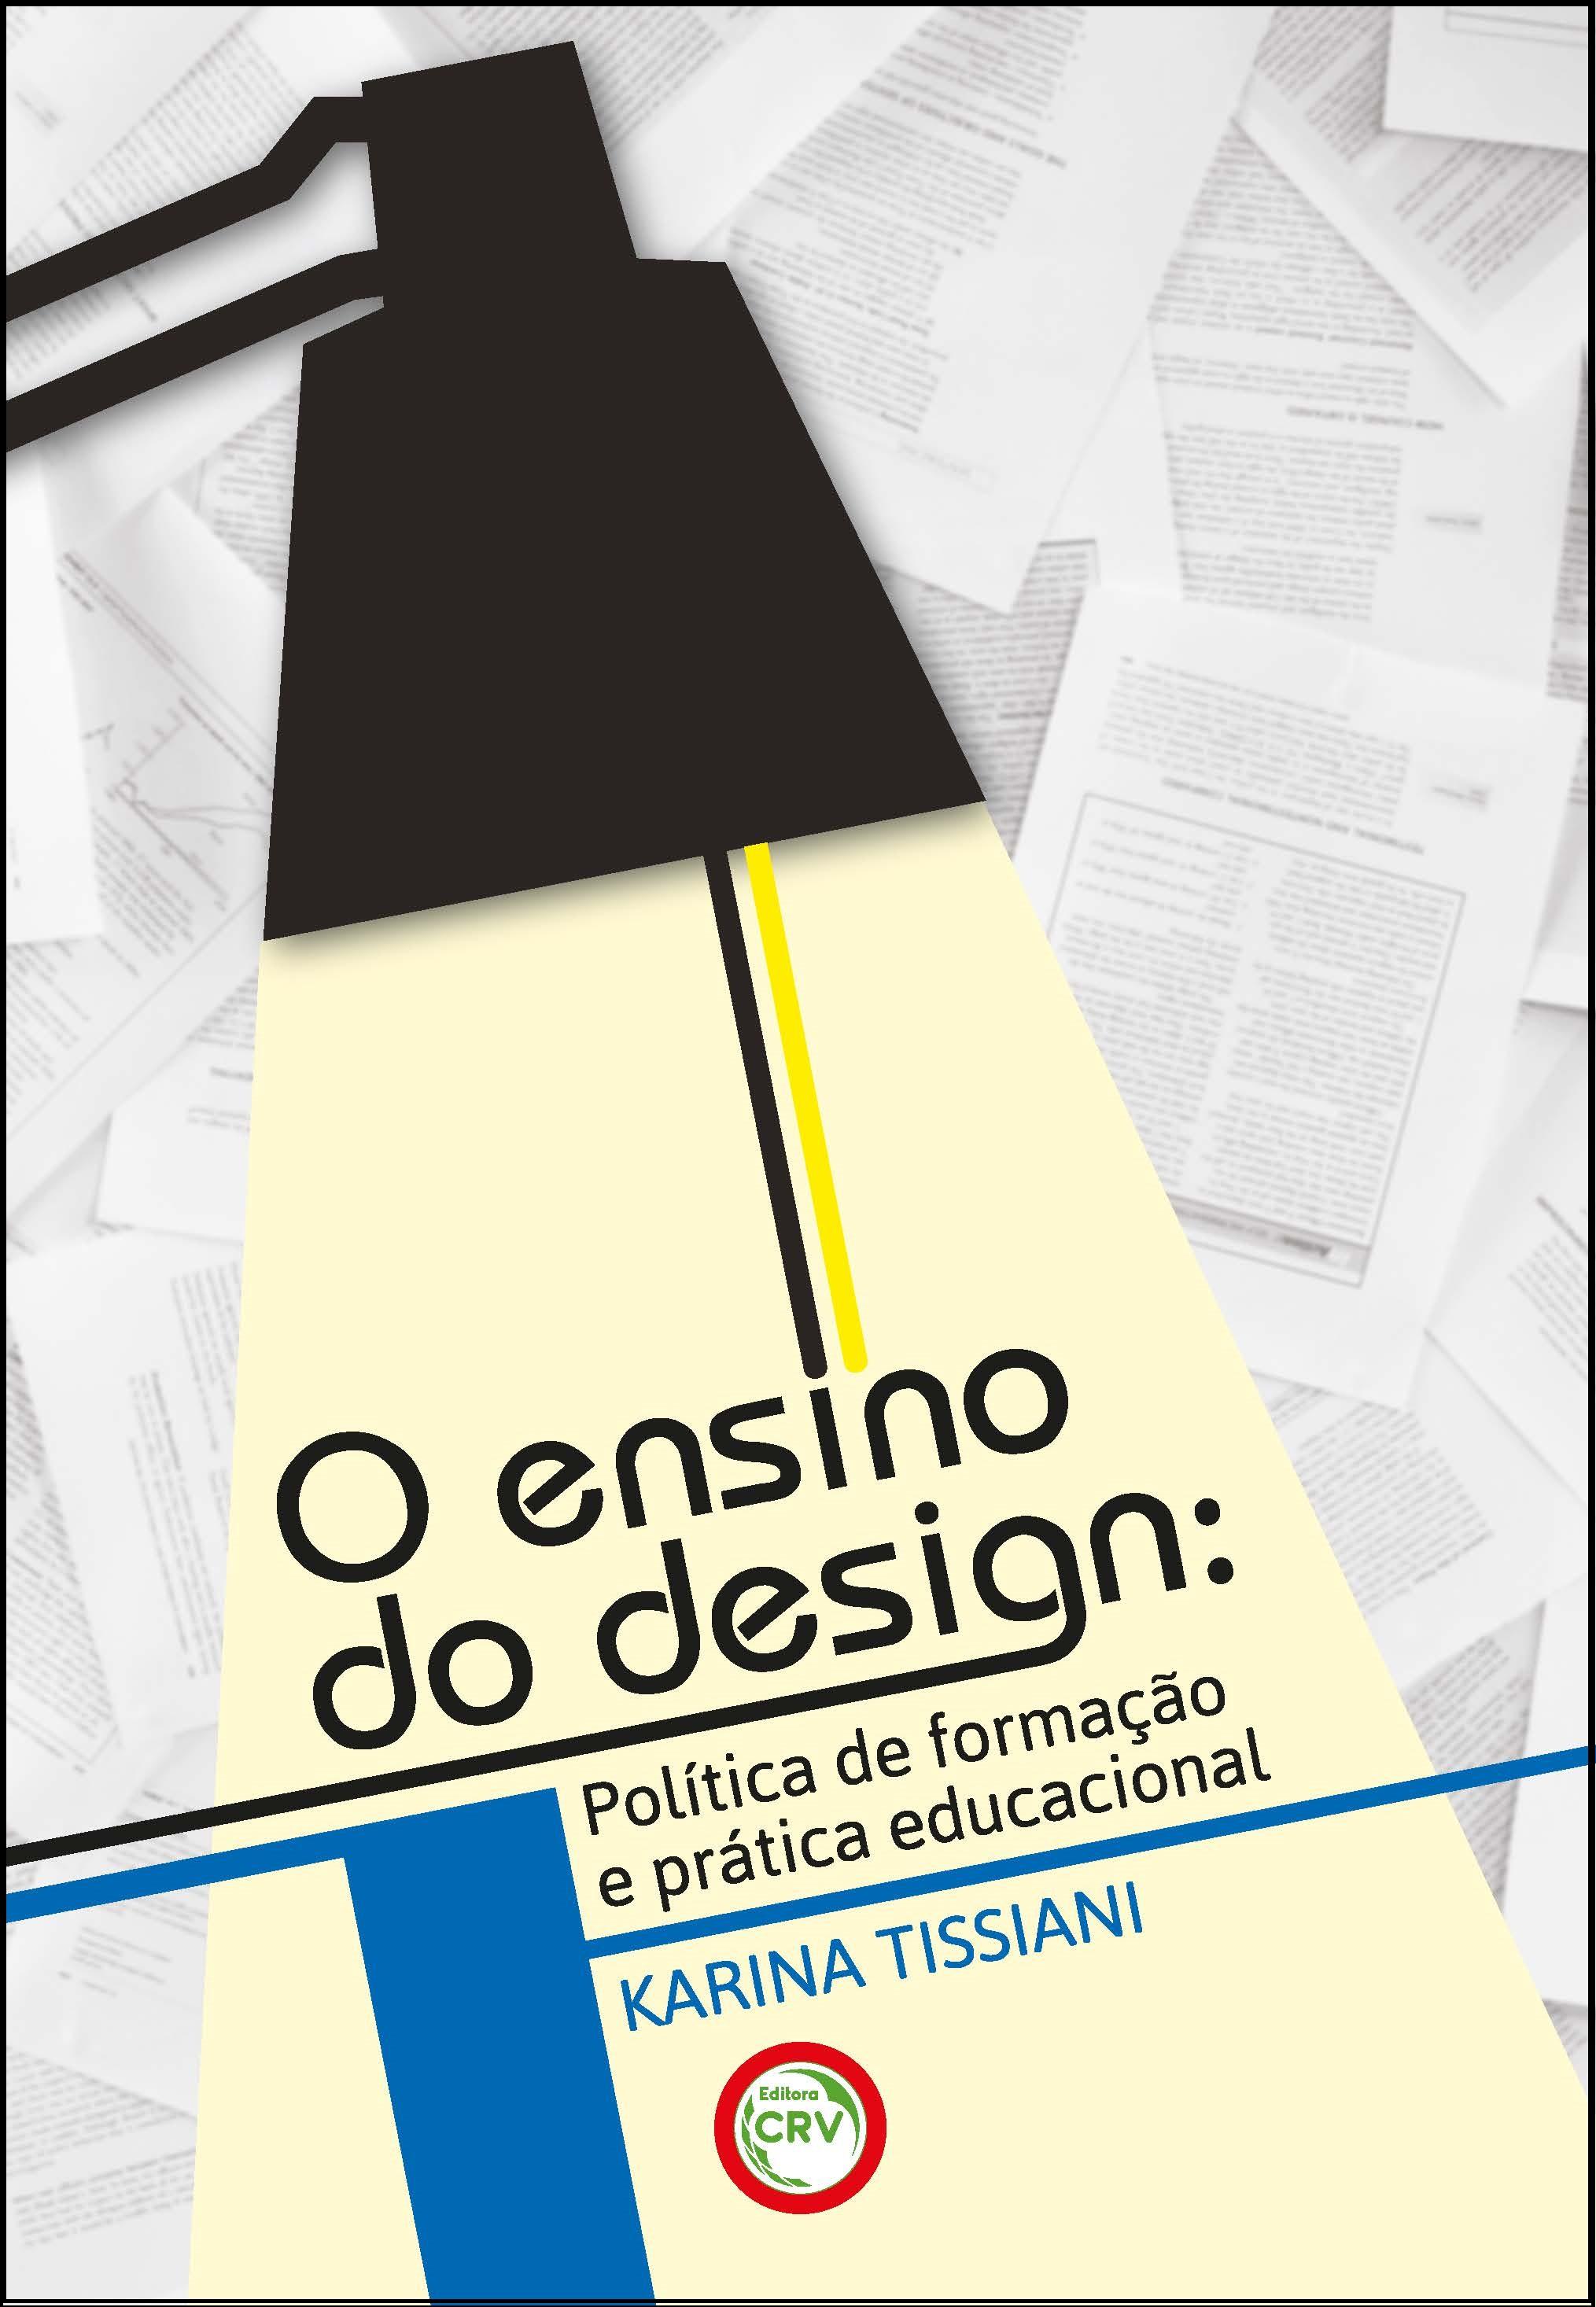 Capa do livro: O ENSINO DO DESIGN:<br>política de formação e prática educacional